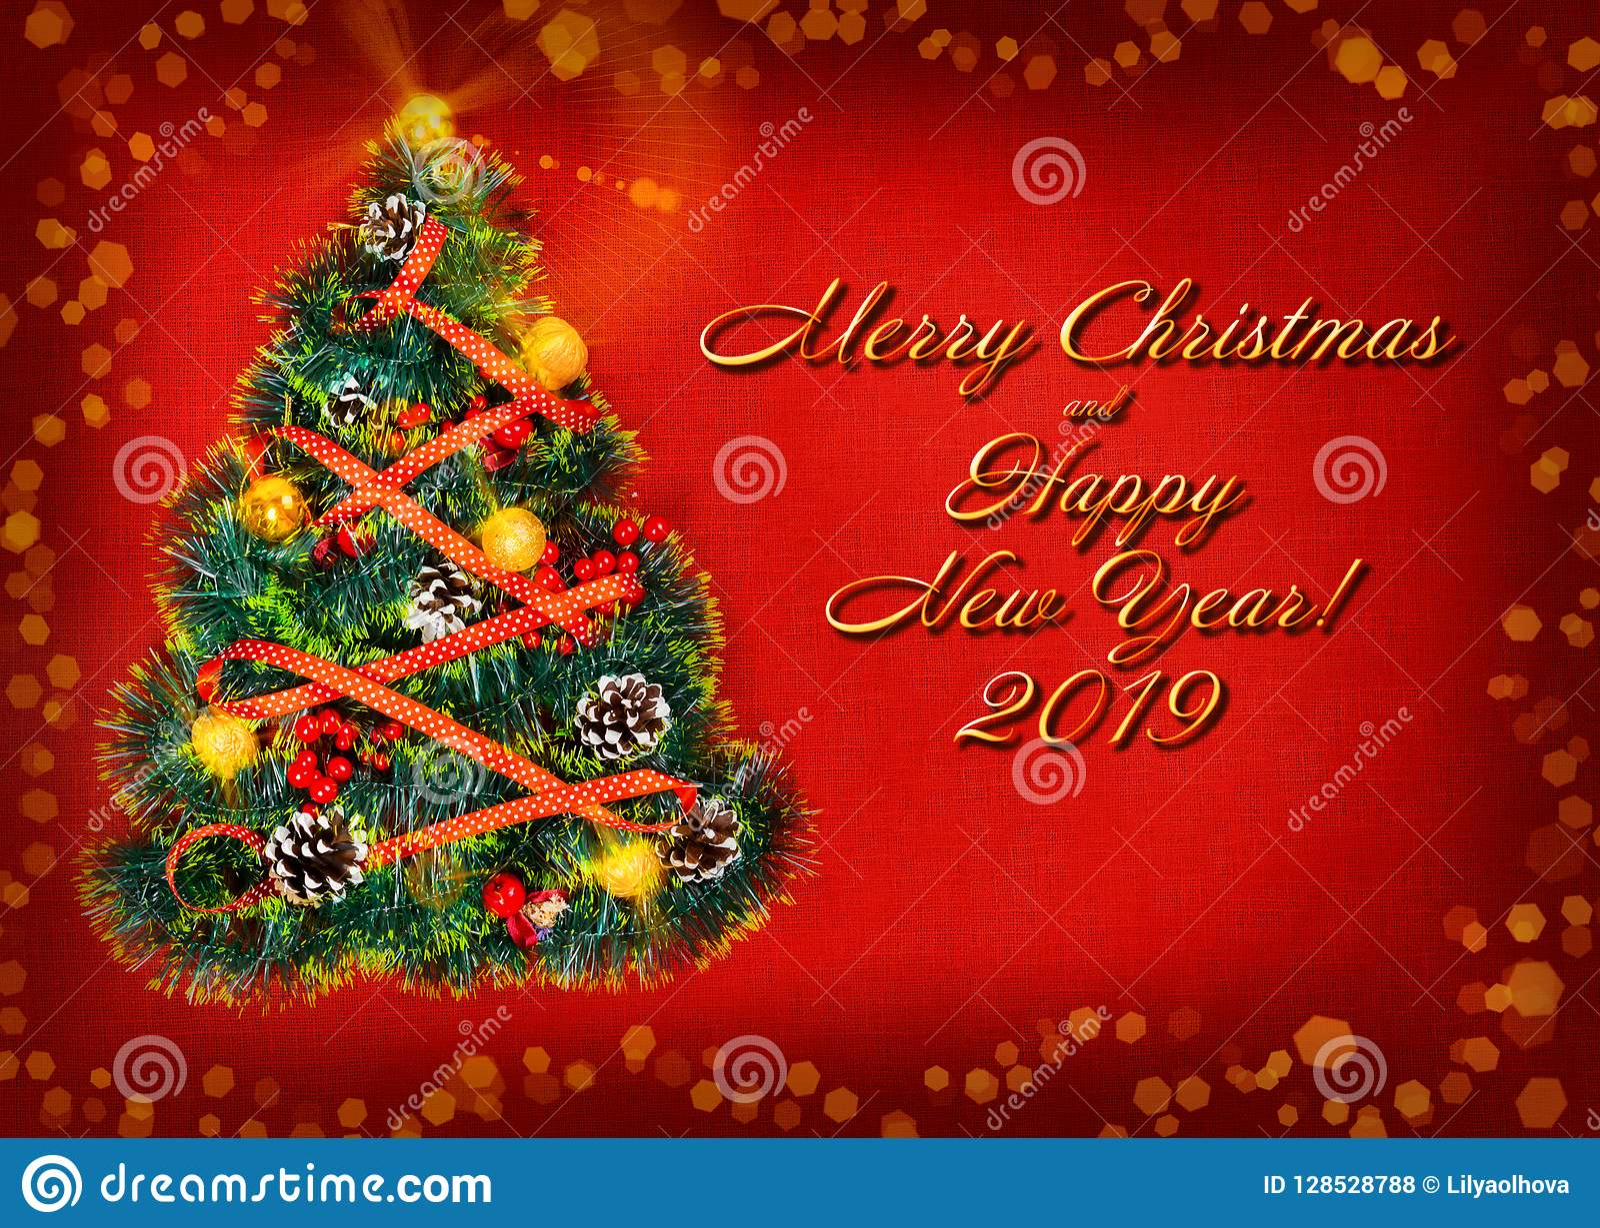 Felicitaciones Para Navidad 2019.Feliz Ano Nuevo Y La Navidad De La Tarjeta De Felicitaciones